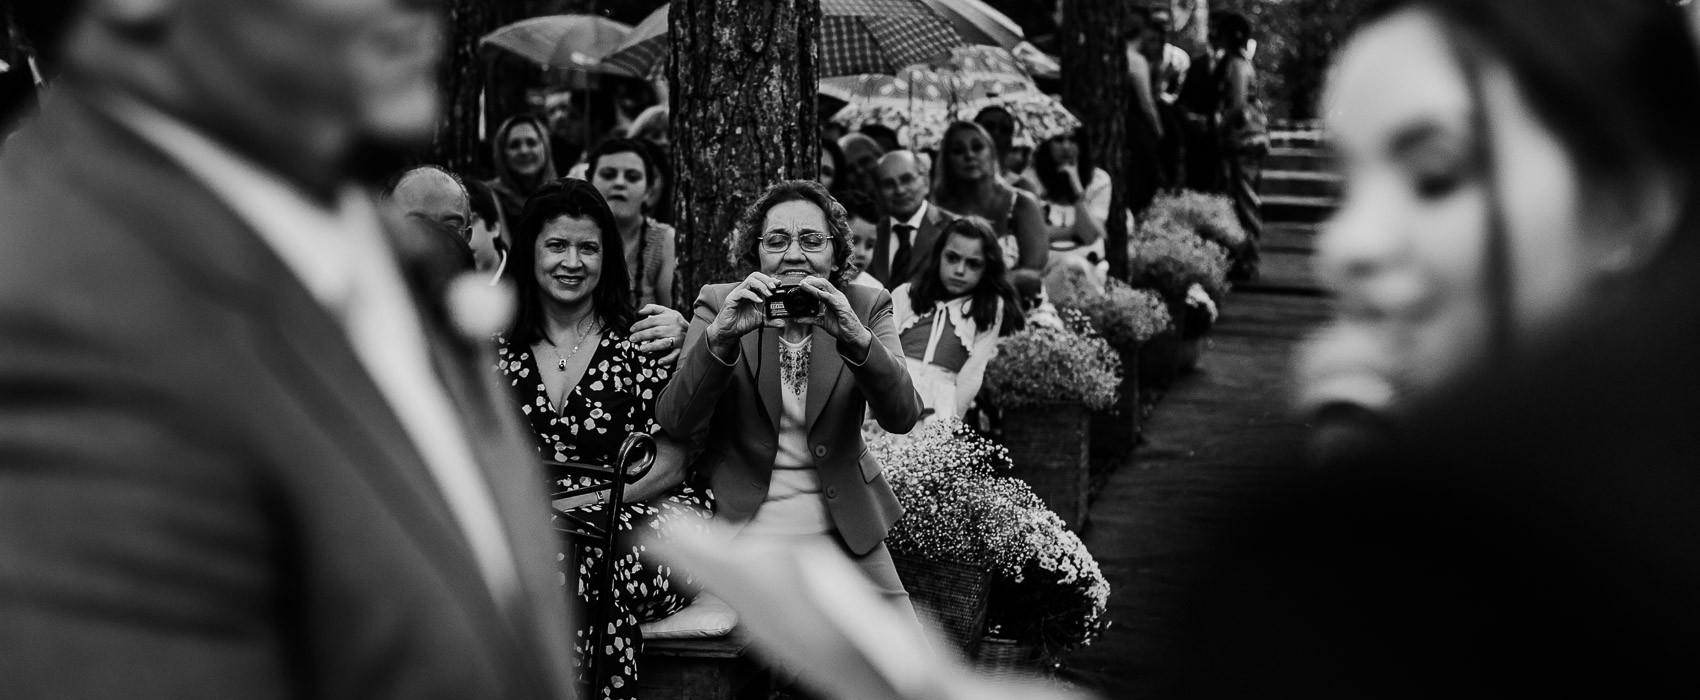 renato dpaula convidados fotografos no casamento